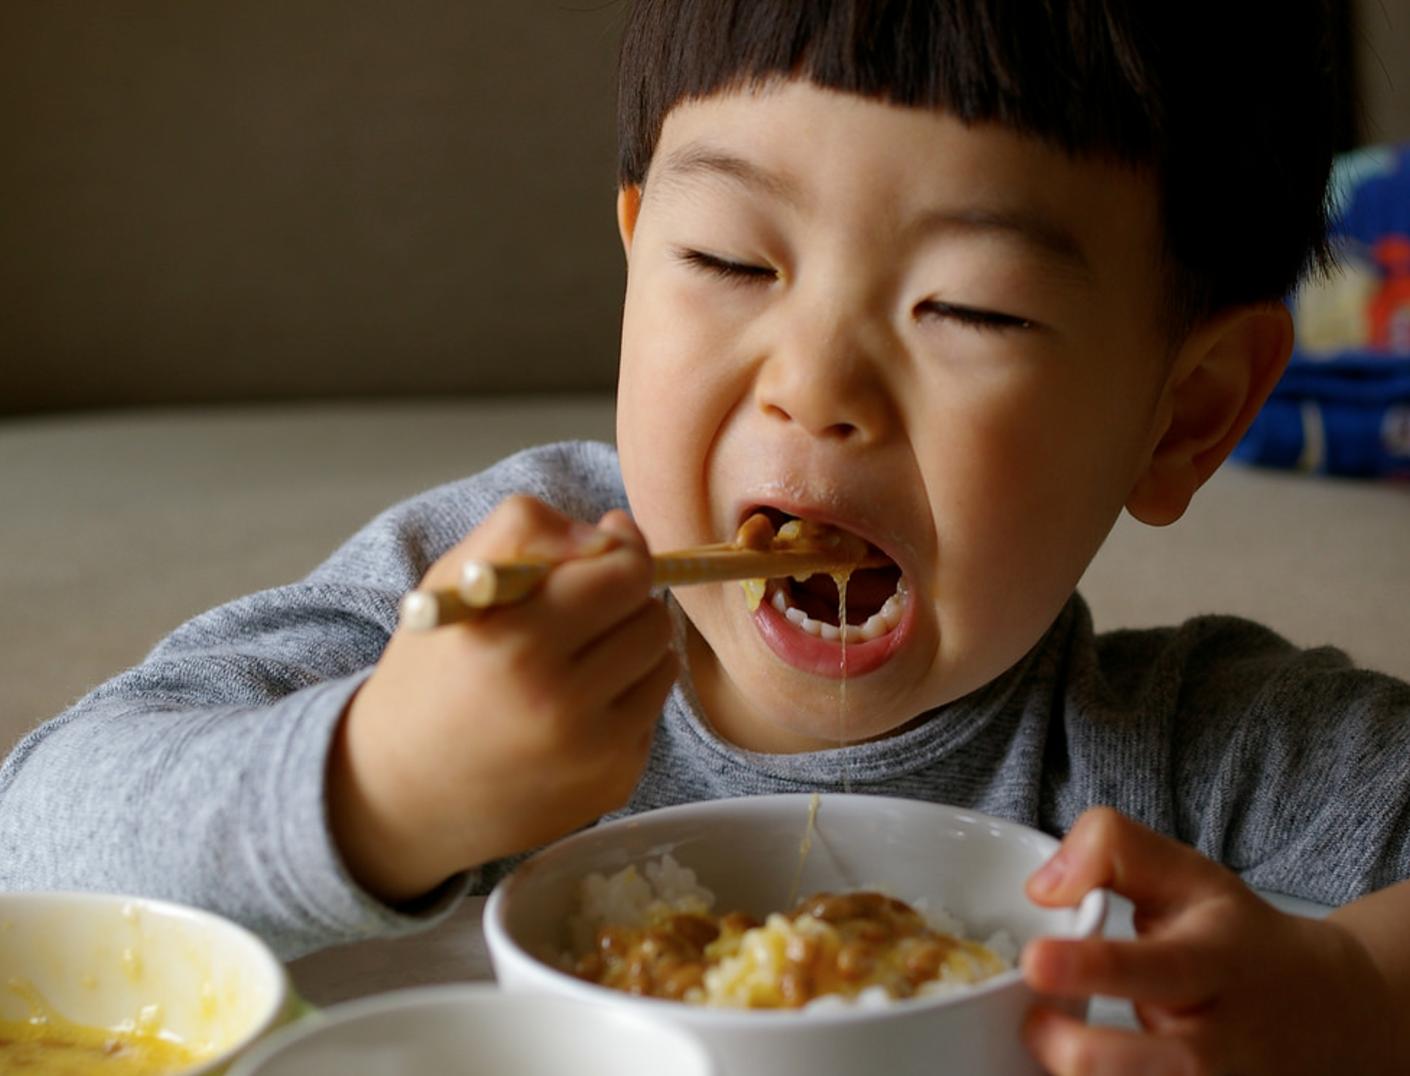 Các ông bố bà mẹ hiện đại ơi, đừng bao giờ để con ăn cơm một mình! - Ảnh 4.